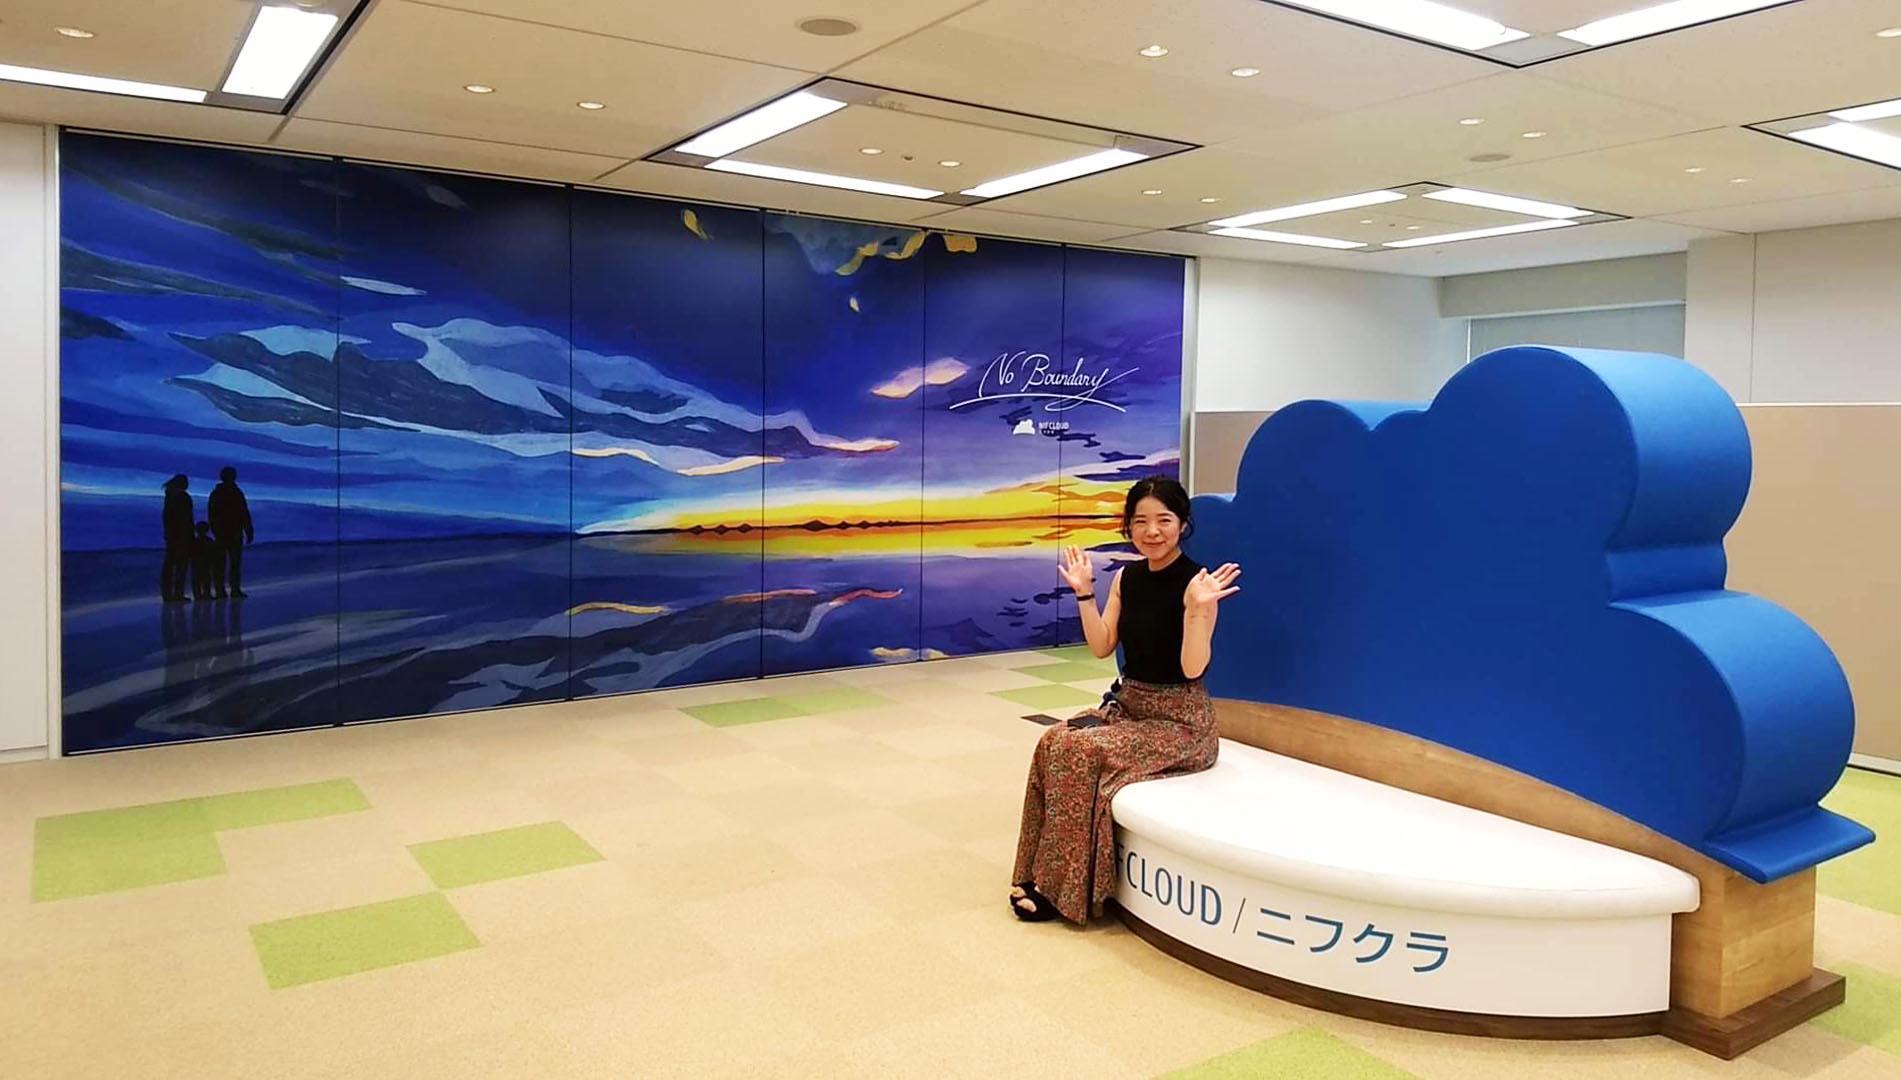 草野碧イラストレーション_『富士通クラウドテクノロジーズ』ニフクラ